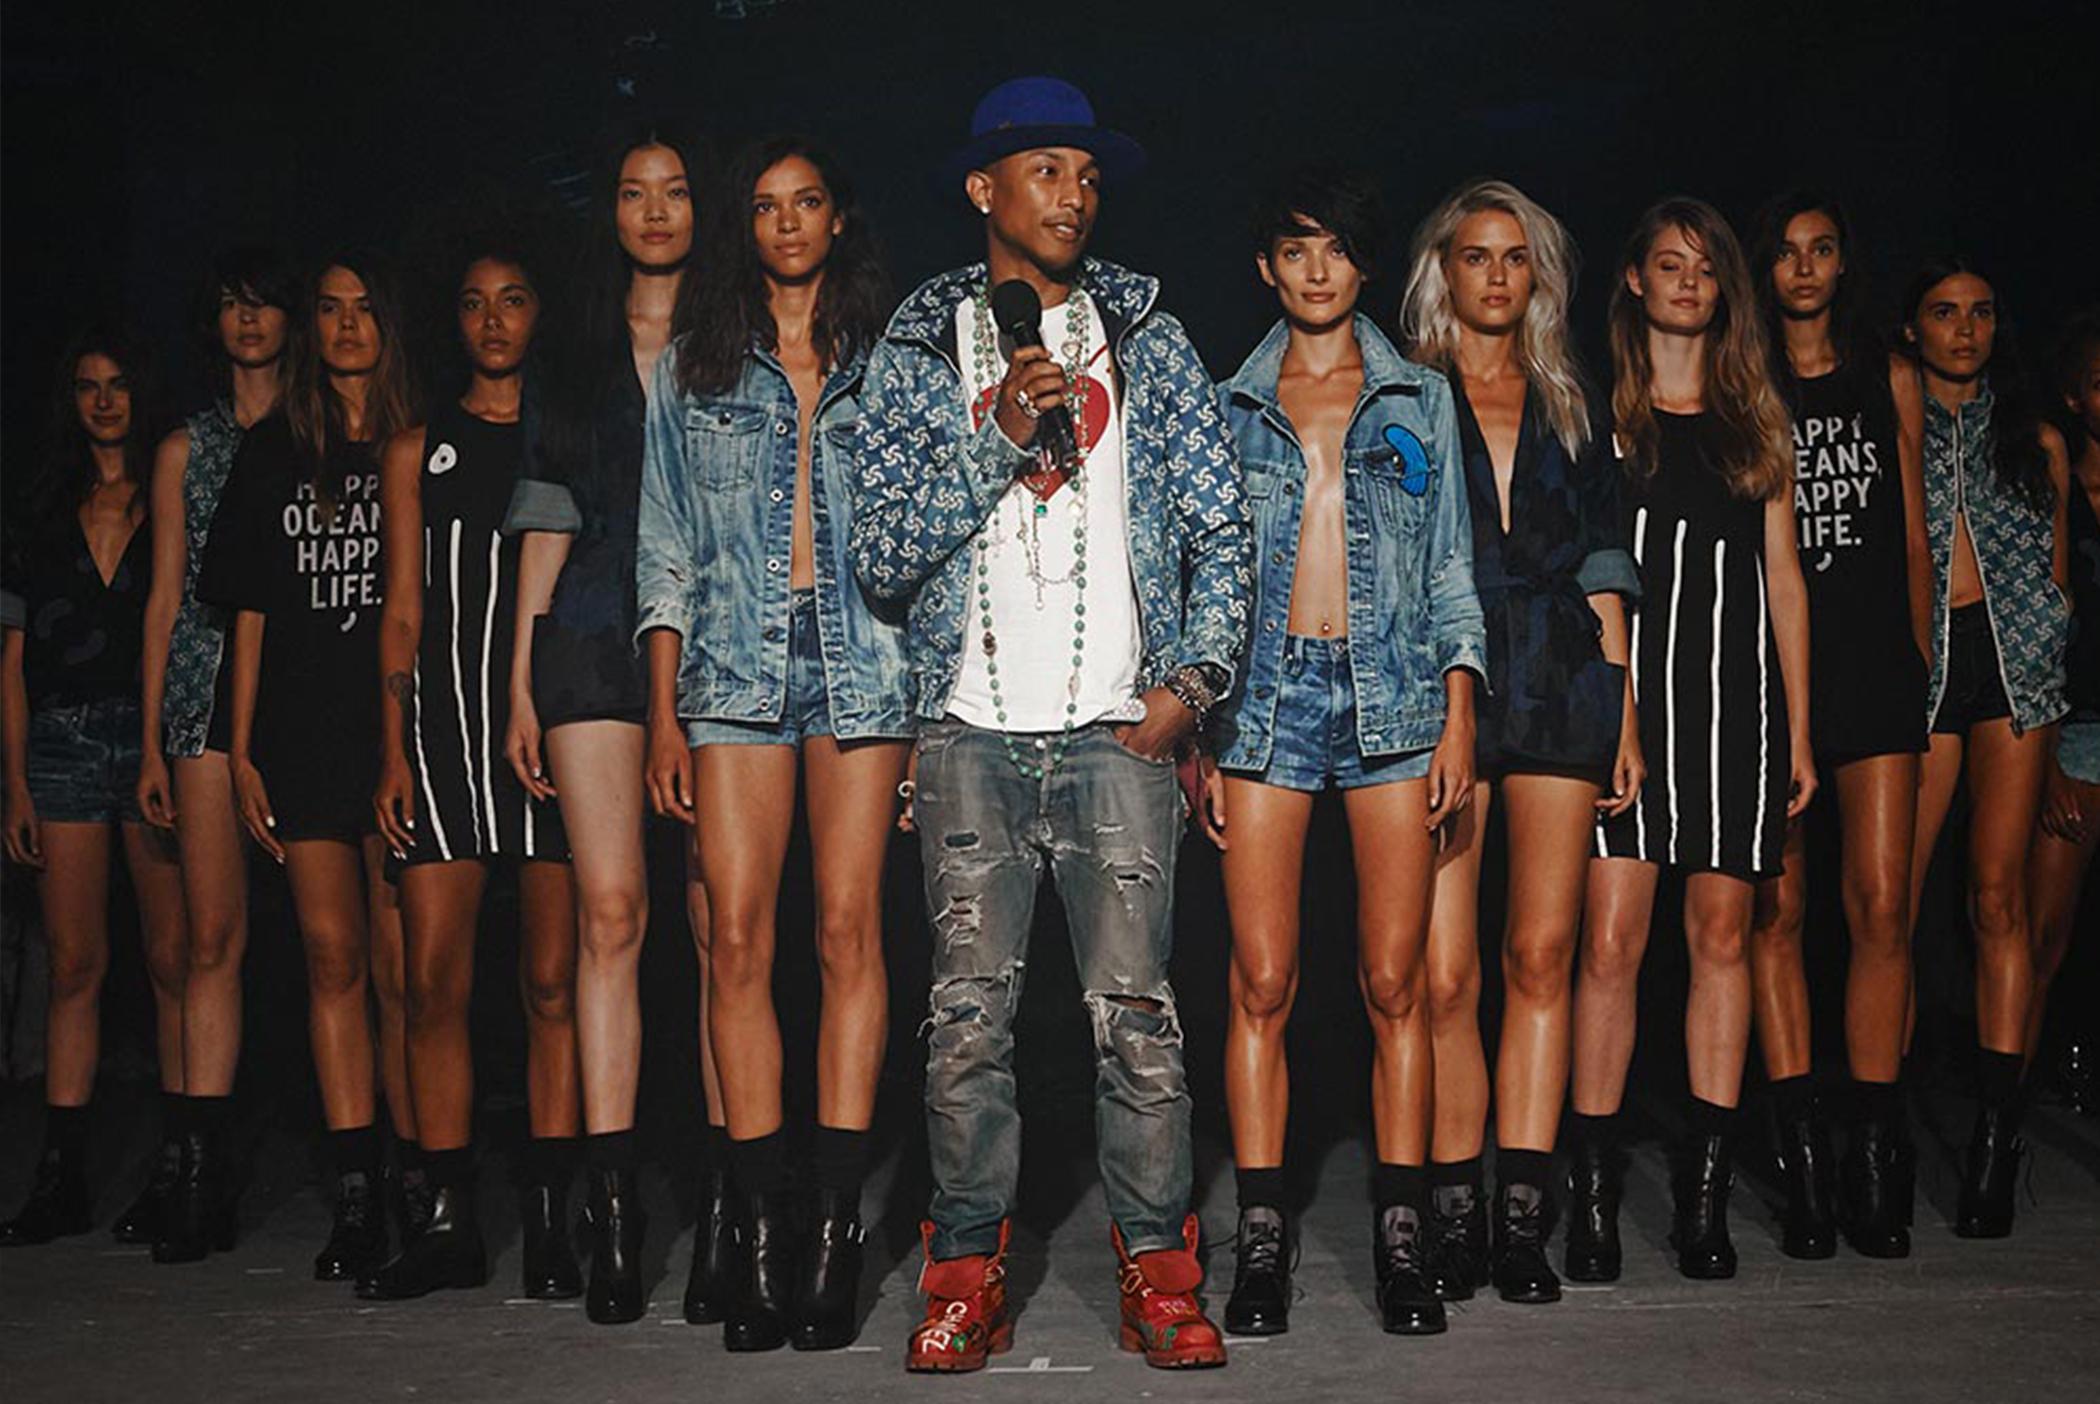 Música feat. Moda: o que faz a etiqueta de um ídolo valer mais que a de outro